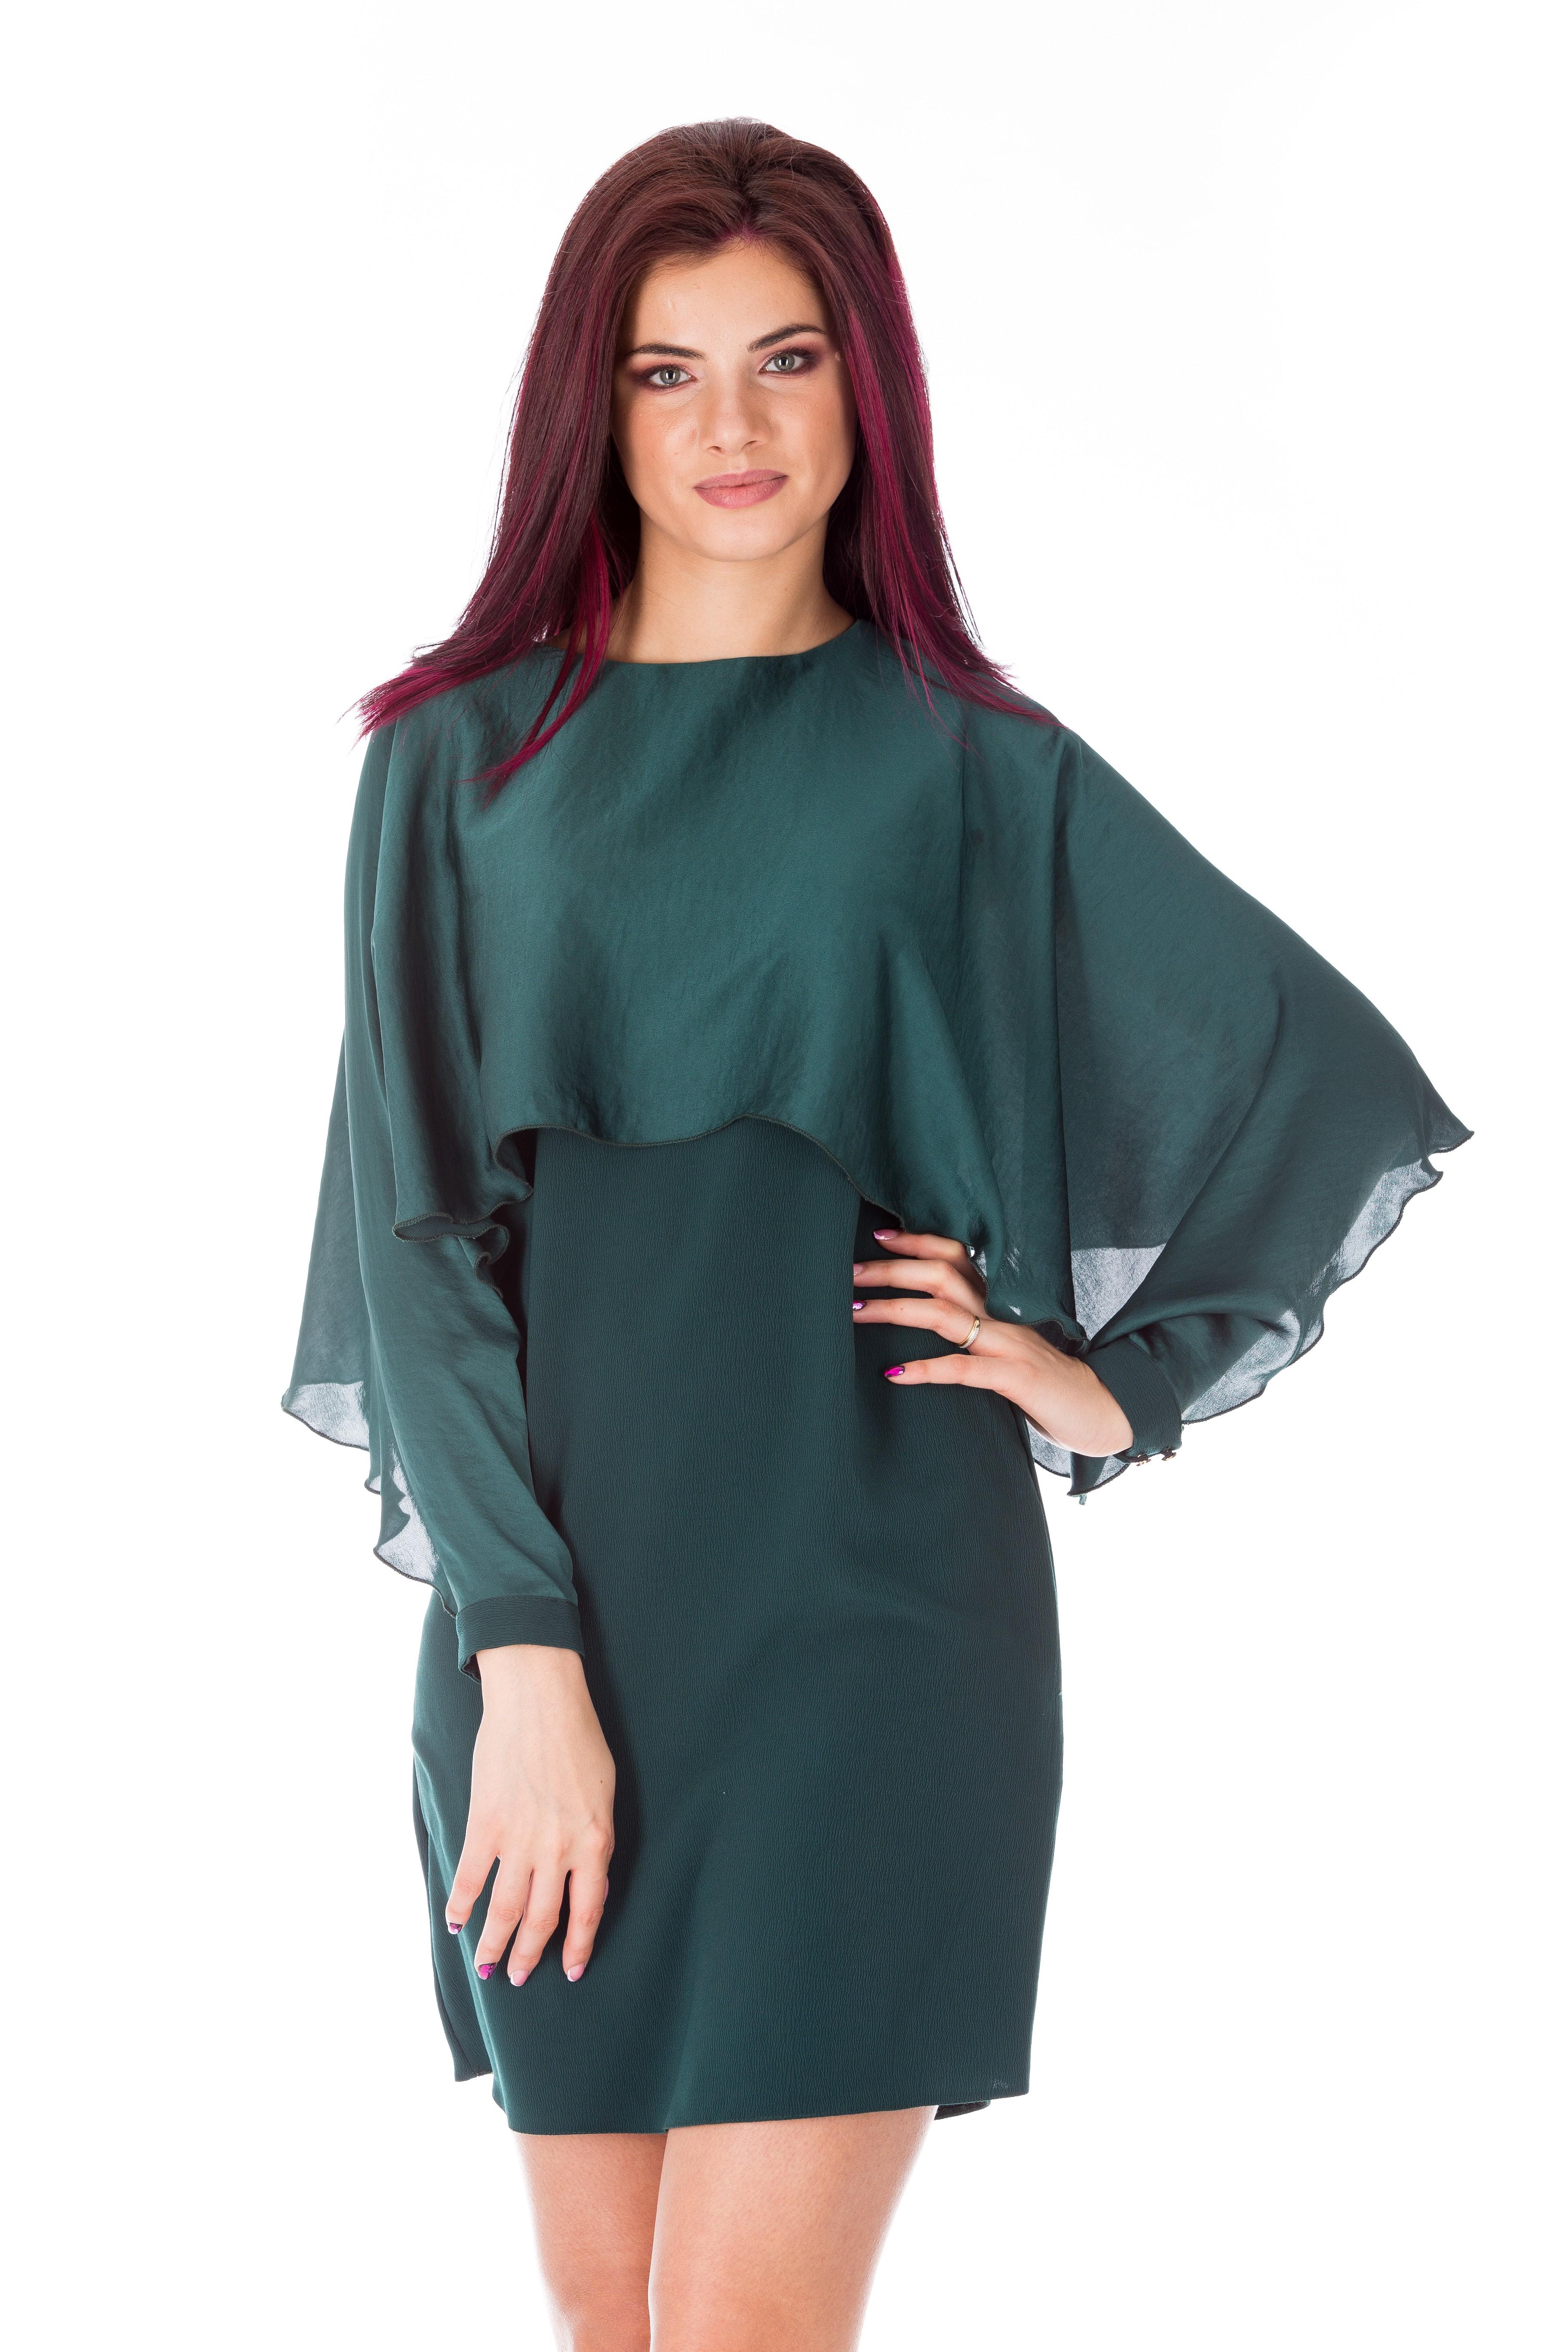 Rochie verde-smarald eleganta de seara